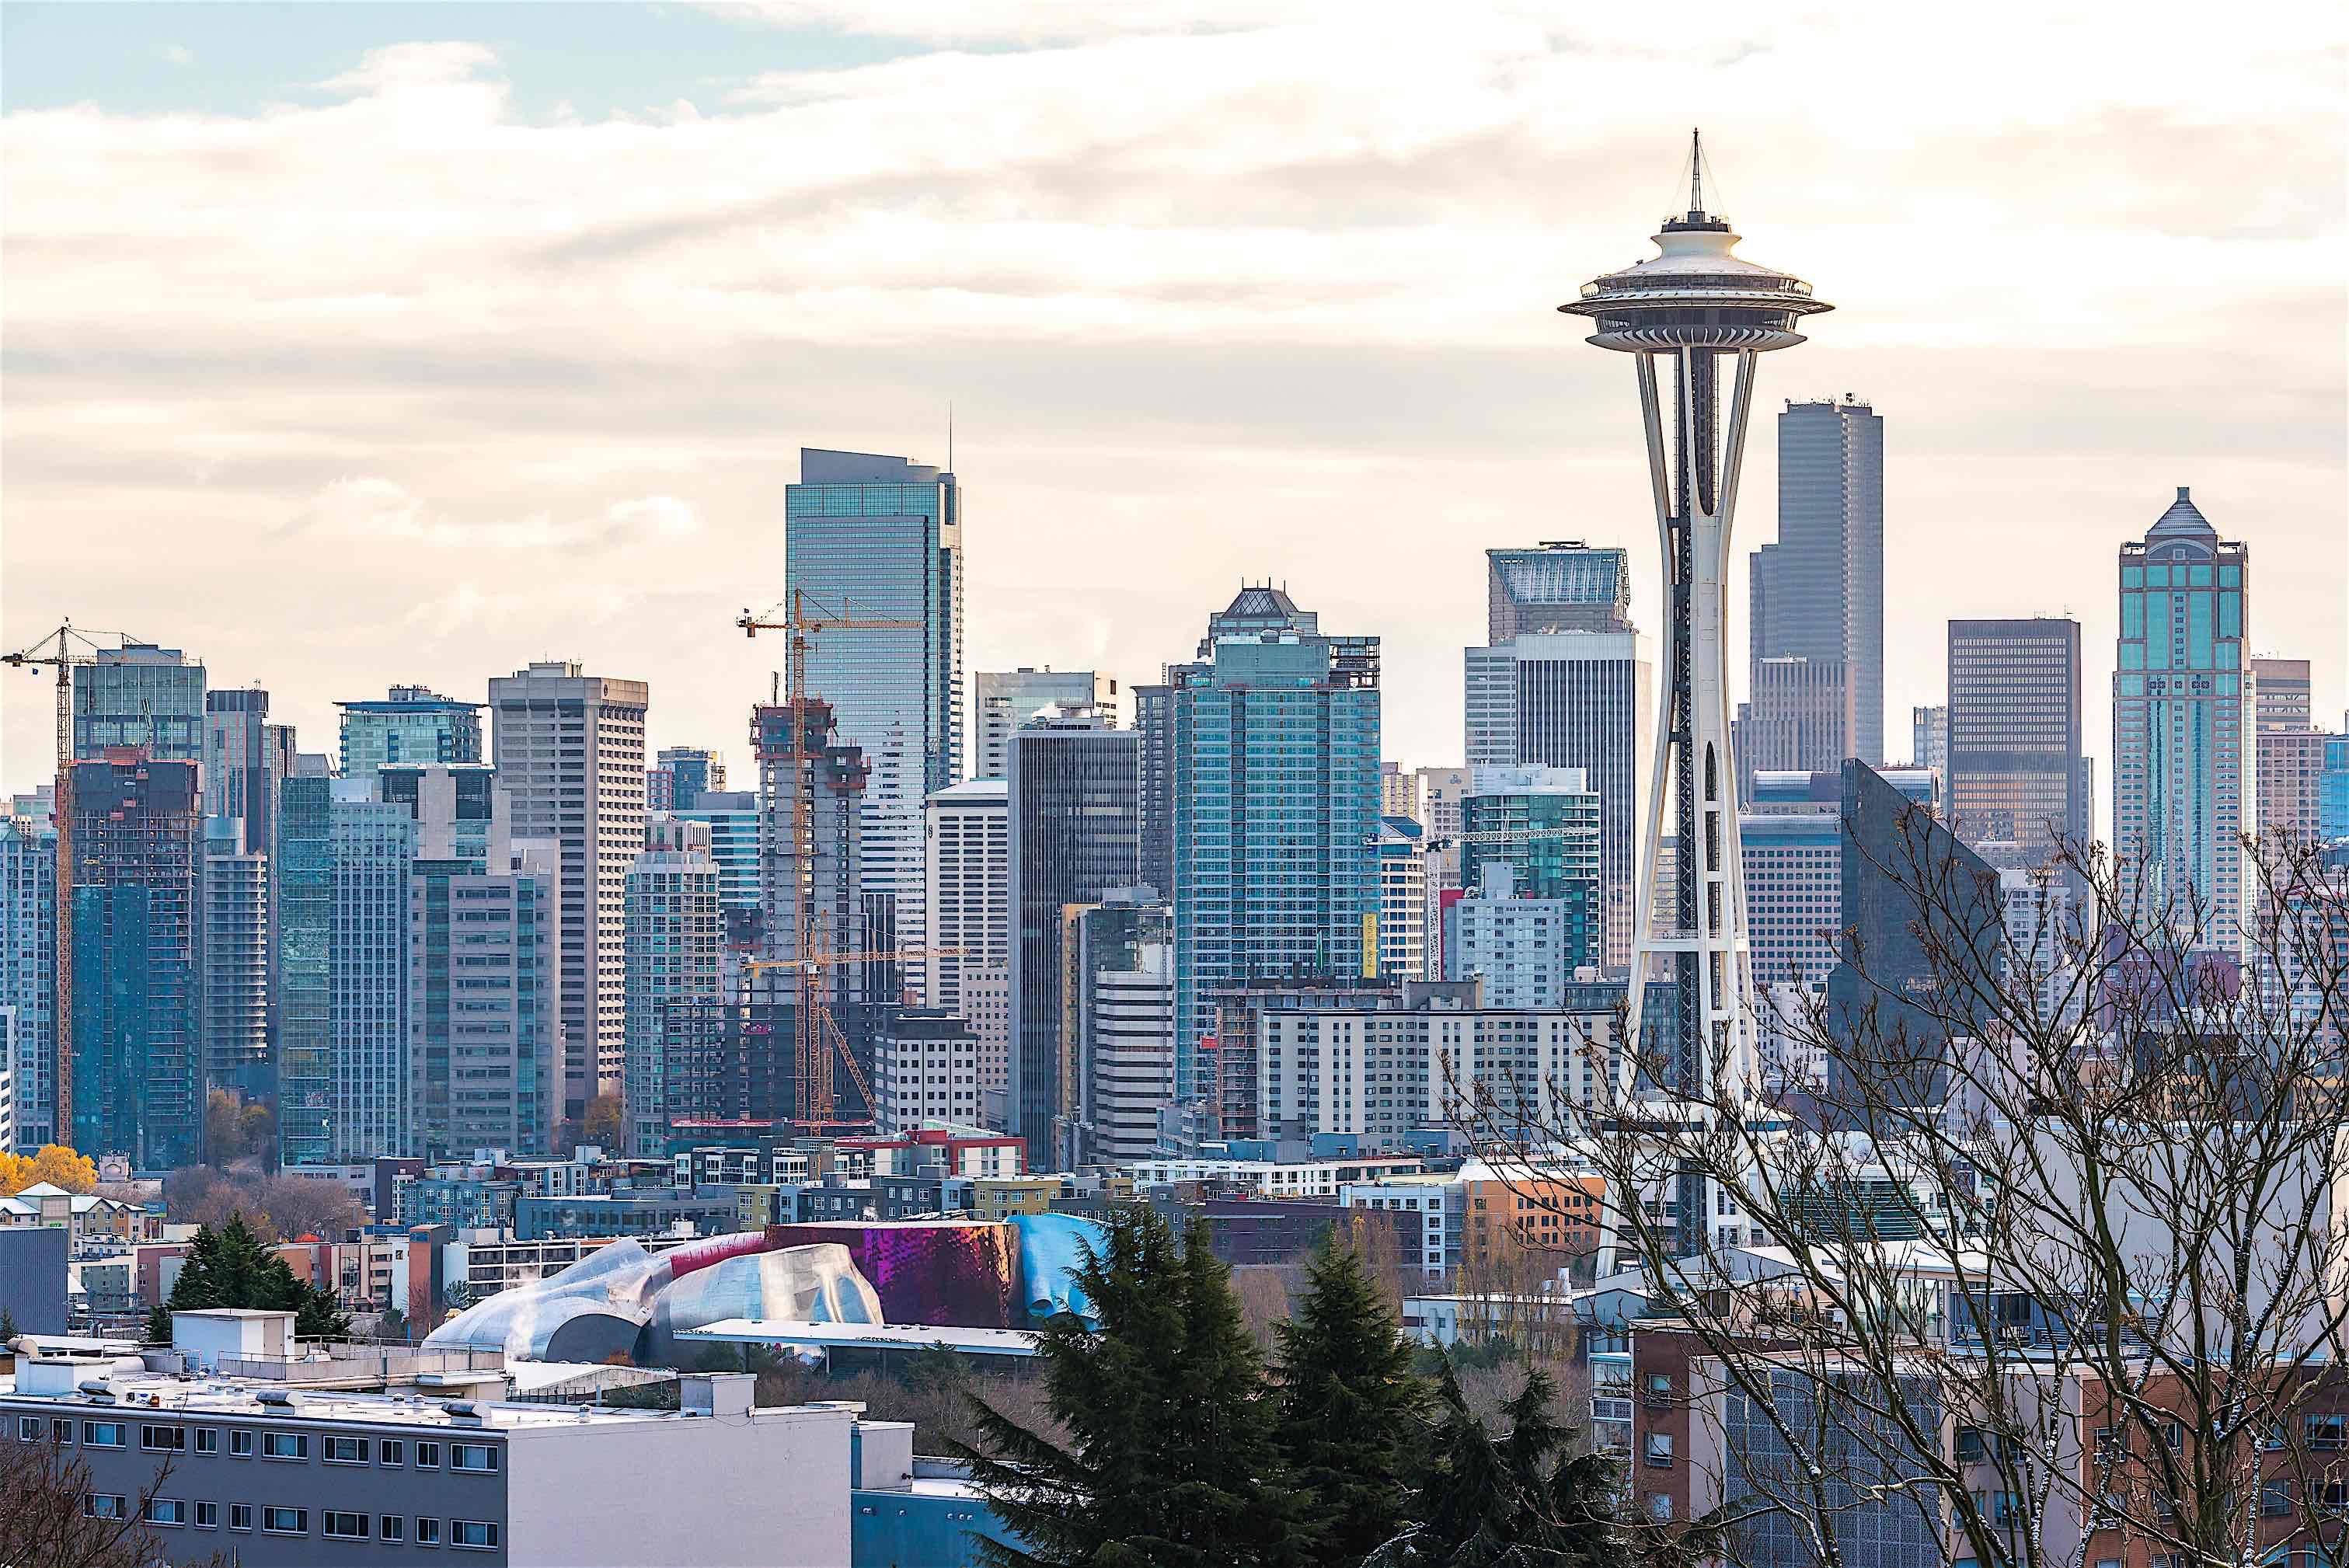 4.) Seattle, WA